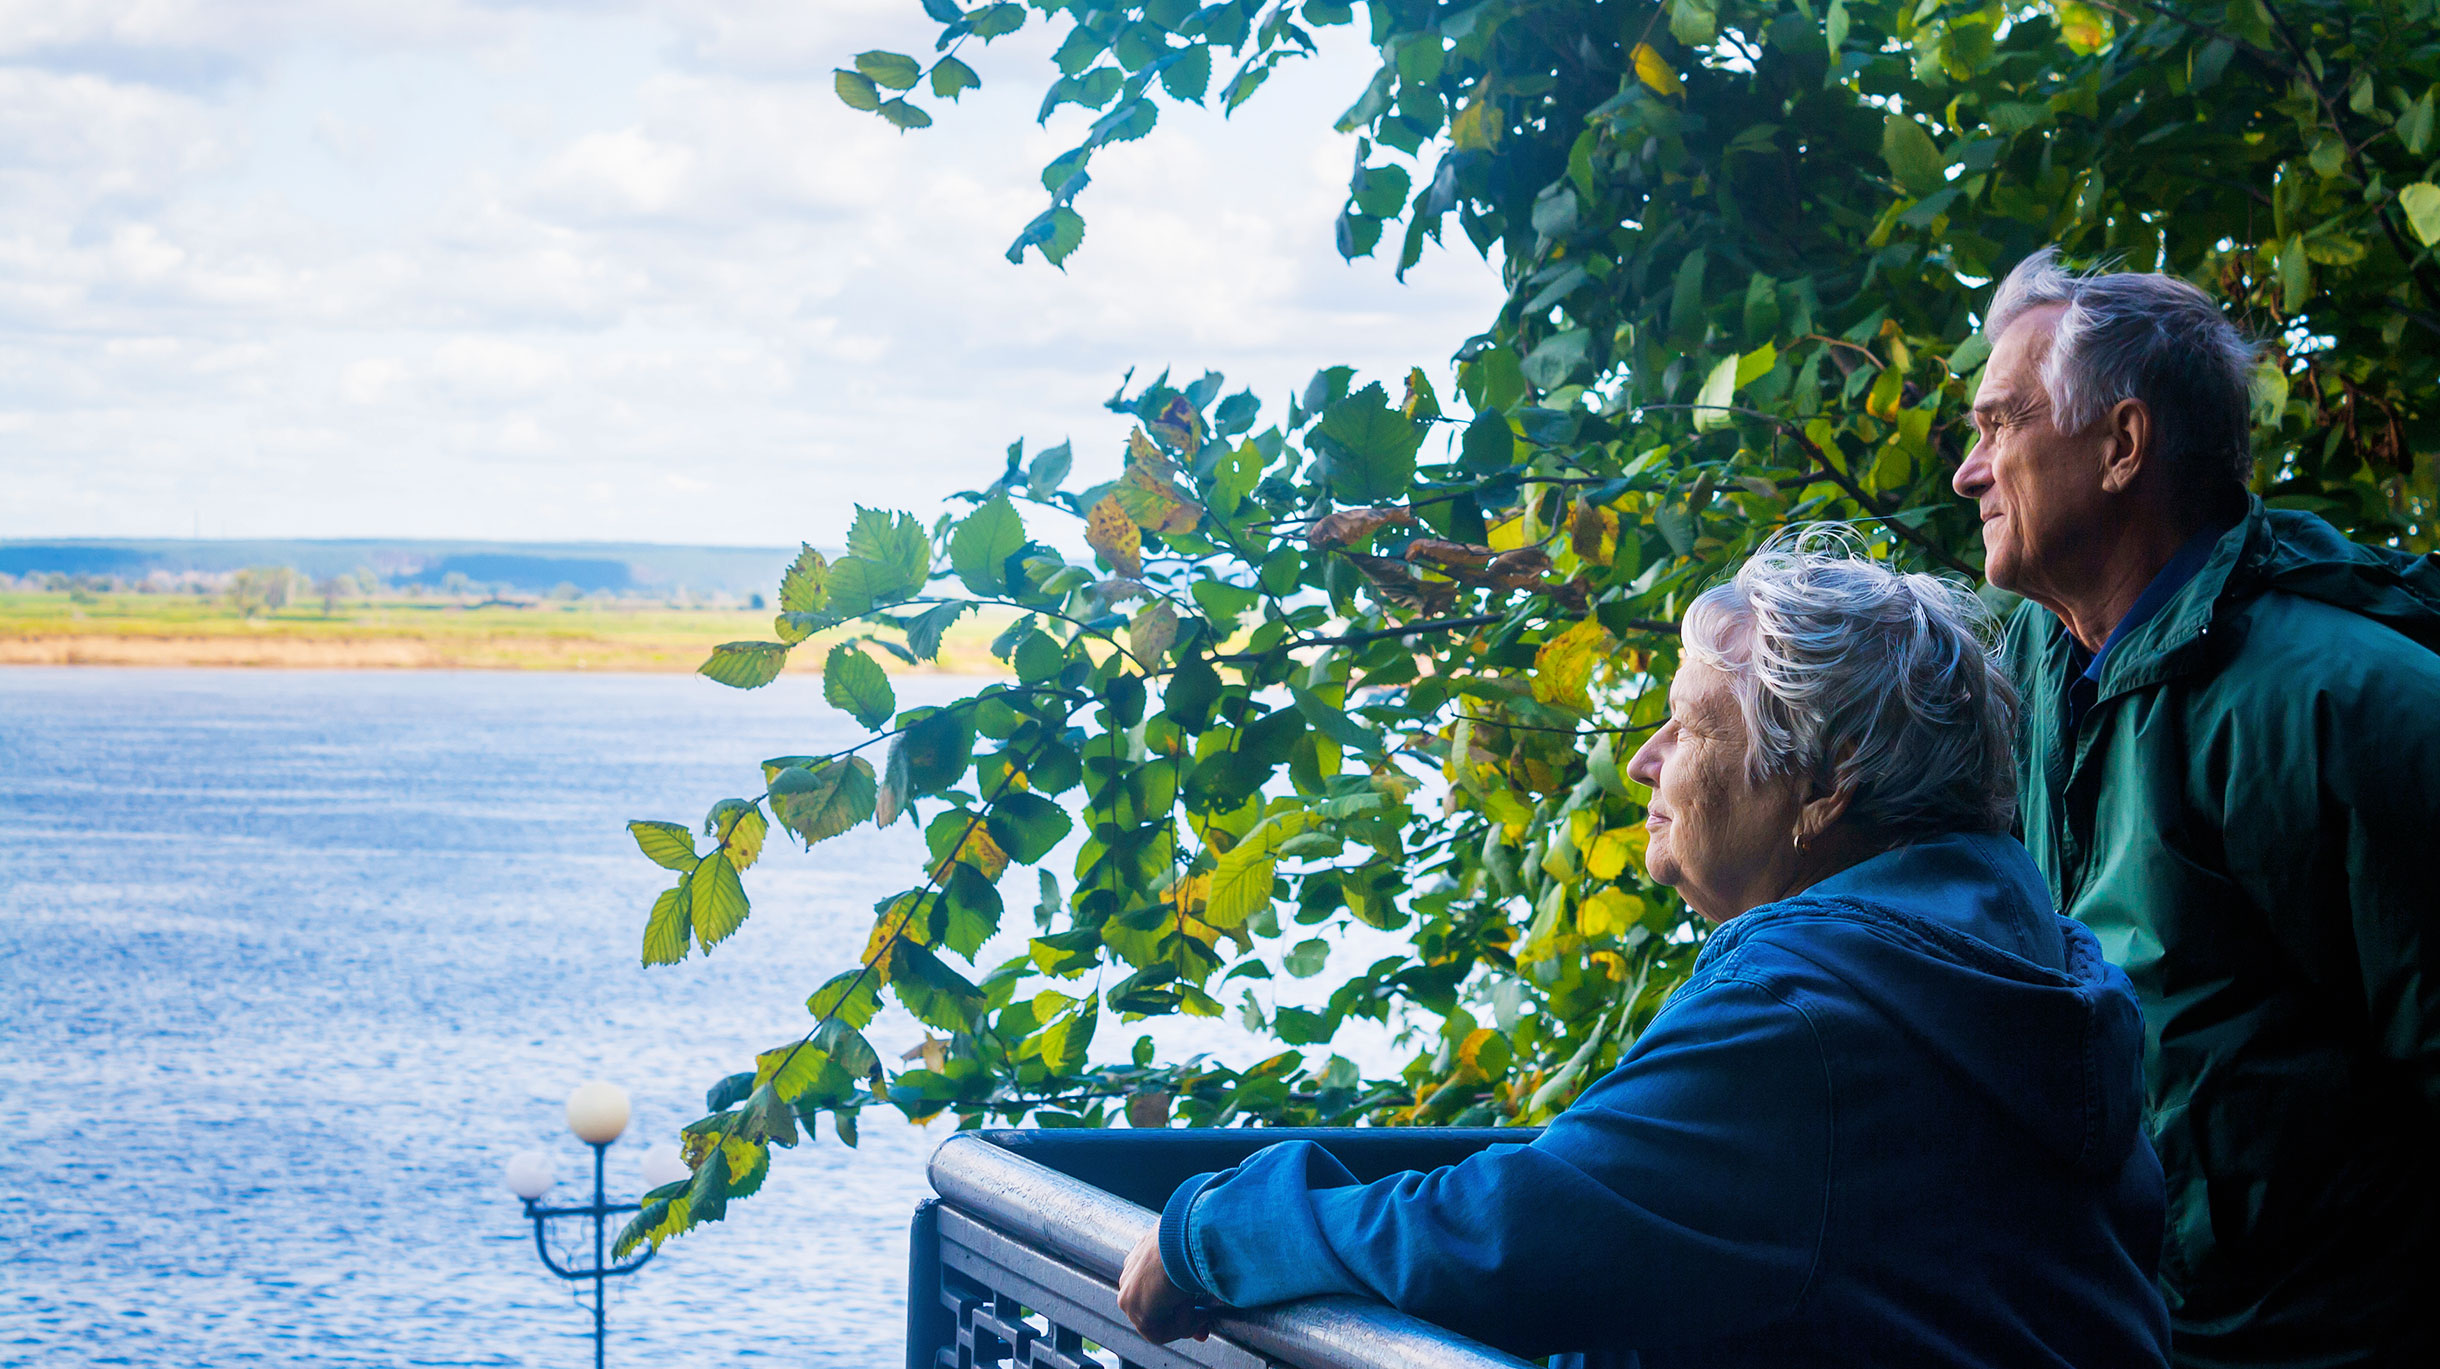 Гарантированный пенсионный план: что это такое и как будет работать